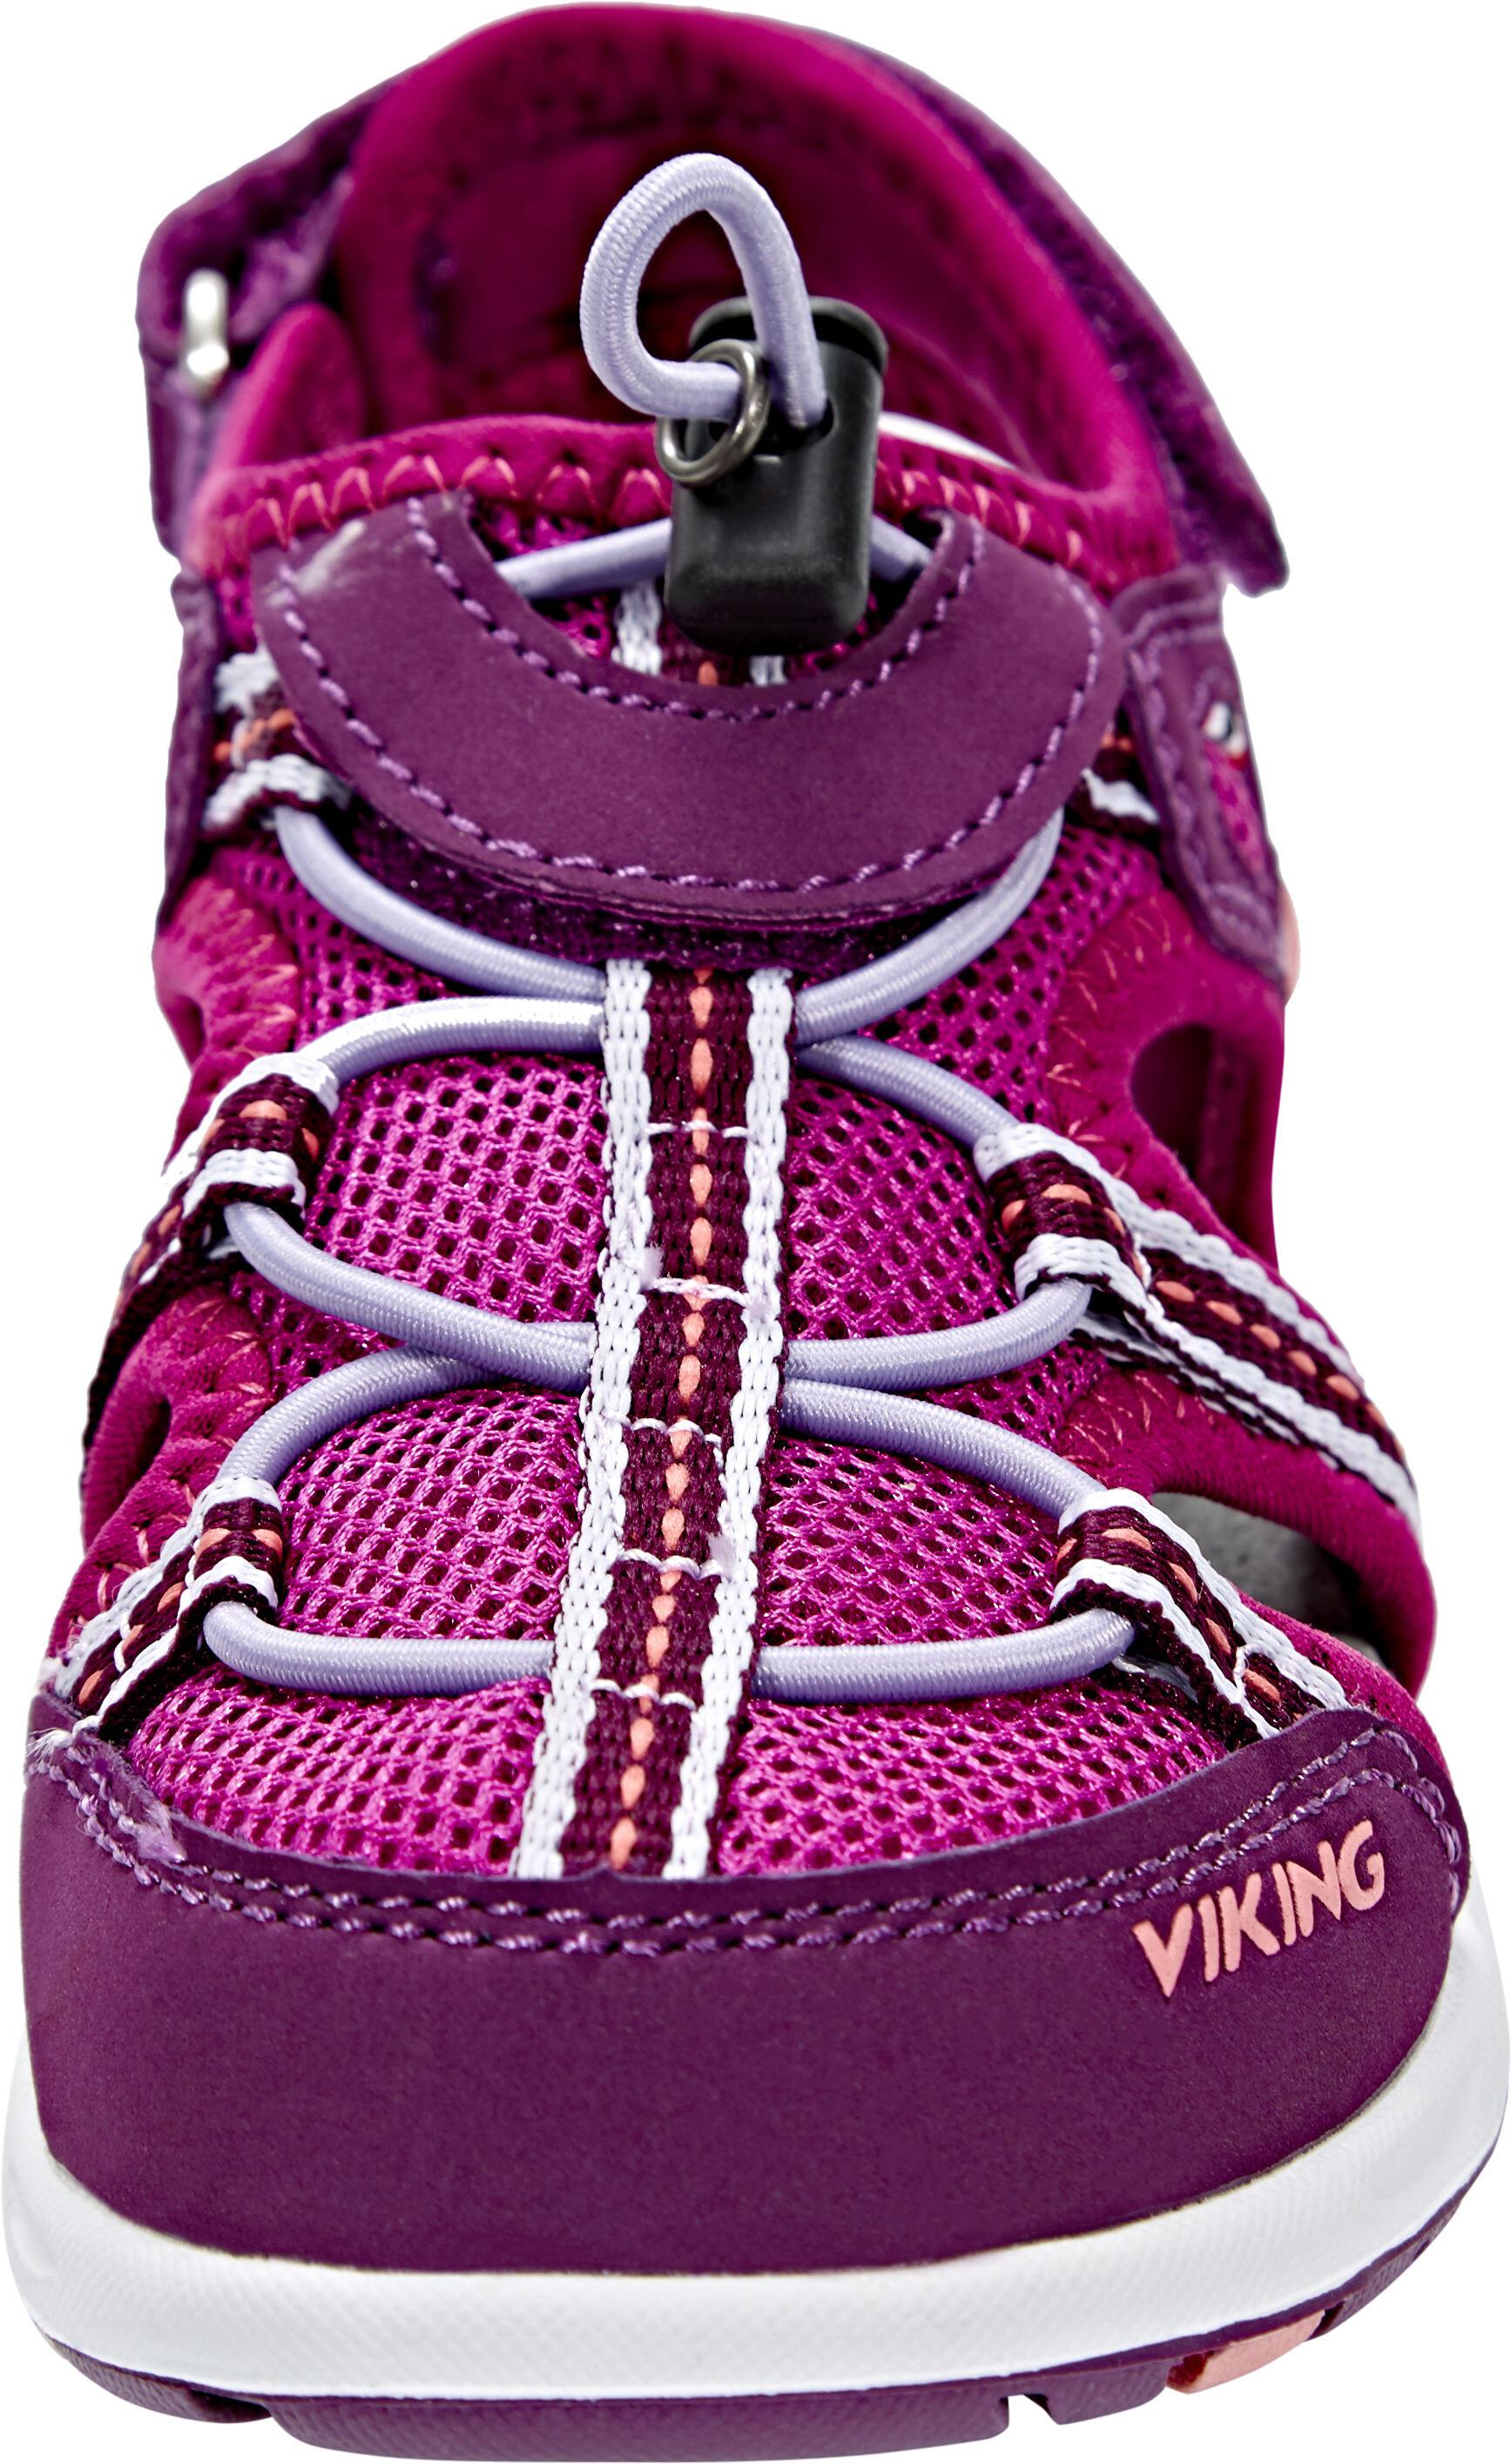 Viking Footwear Thrill Lapset sandaalit  6ae5c54c26